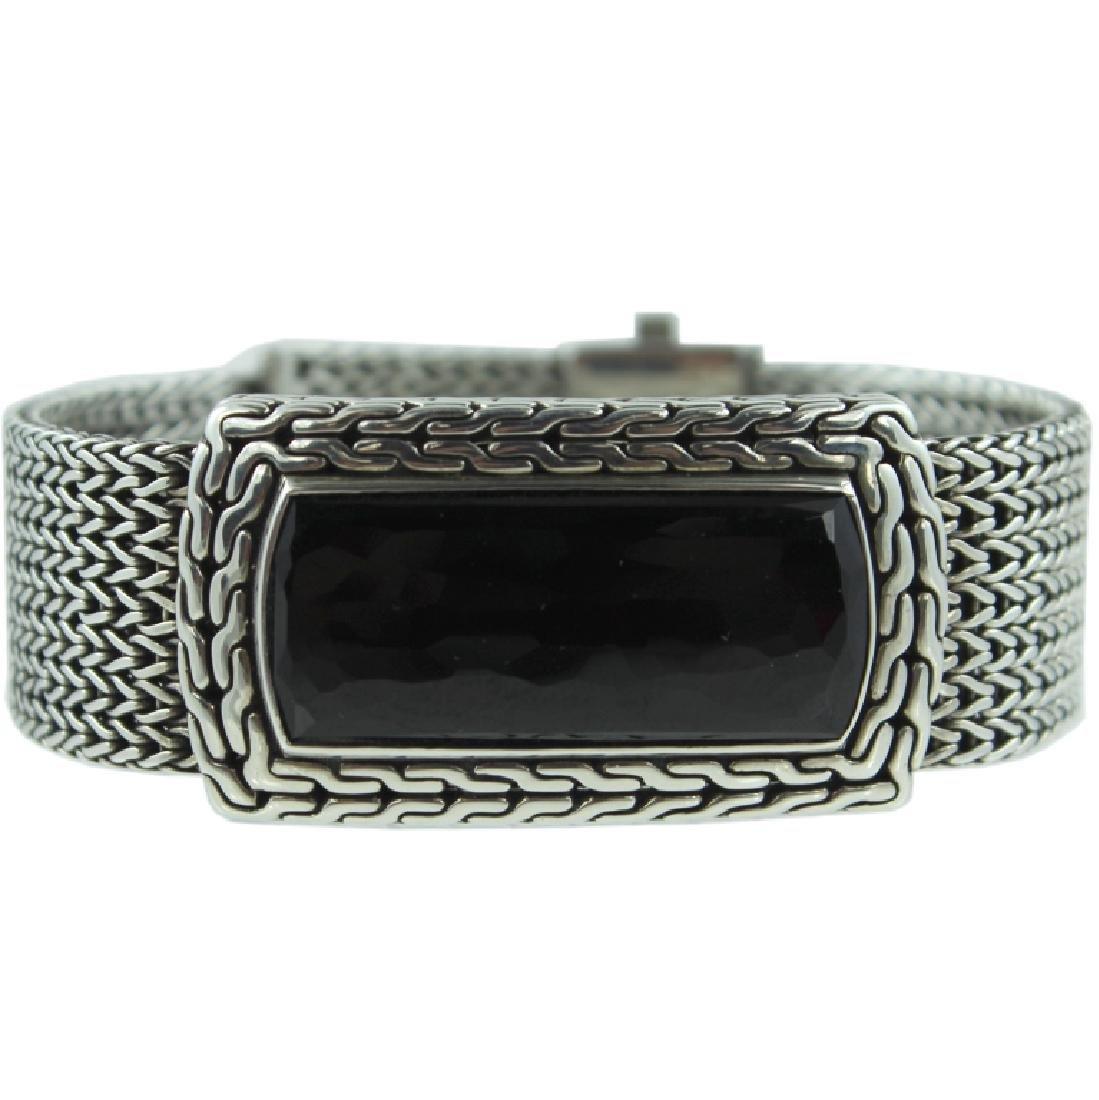 John Hardy Men's Black Onyx Silver ID Bracelet.